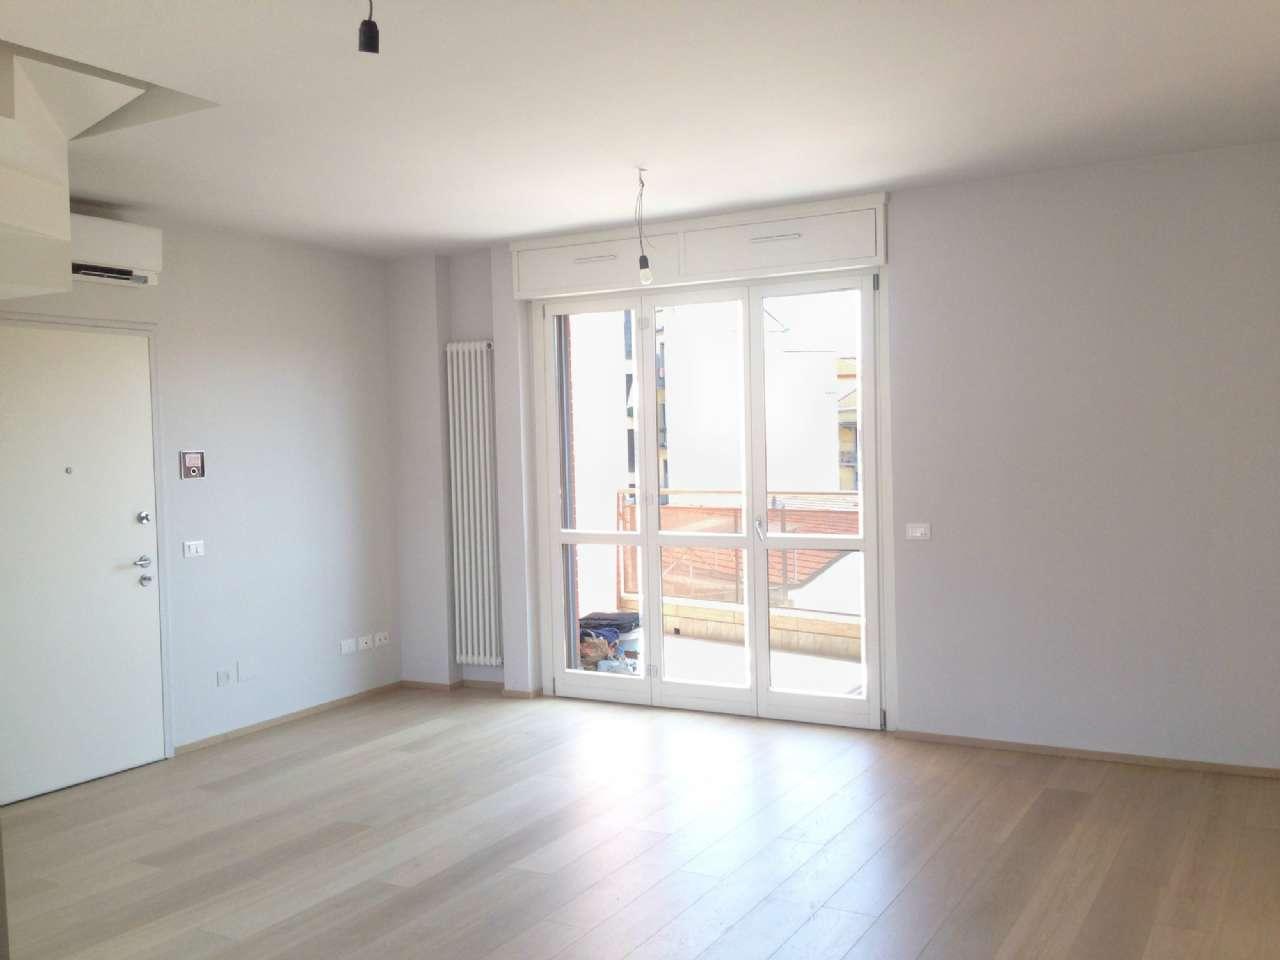 Appartamento in vendita a Milano, 3 locali, zona Zona: 5 . Citta' Studi, Lambrate, Udine, Loreto, Piola, Ortica, prezzo € 580.000 | CambioCasa.it